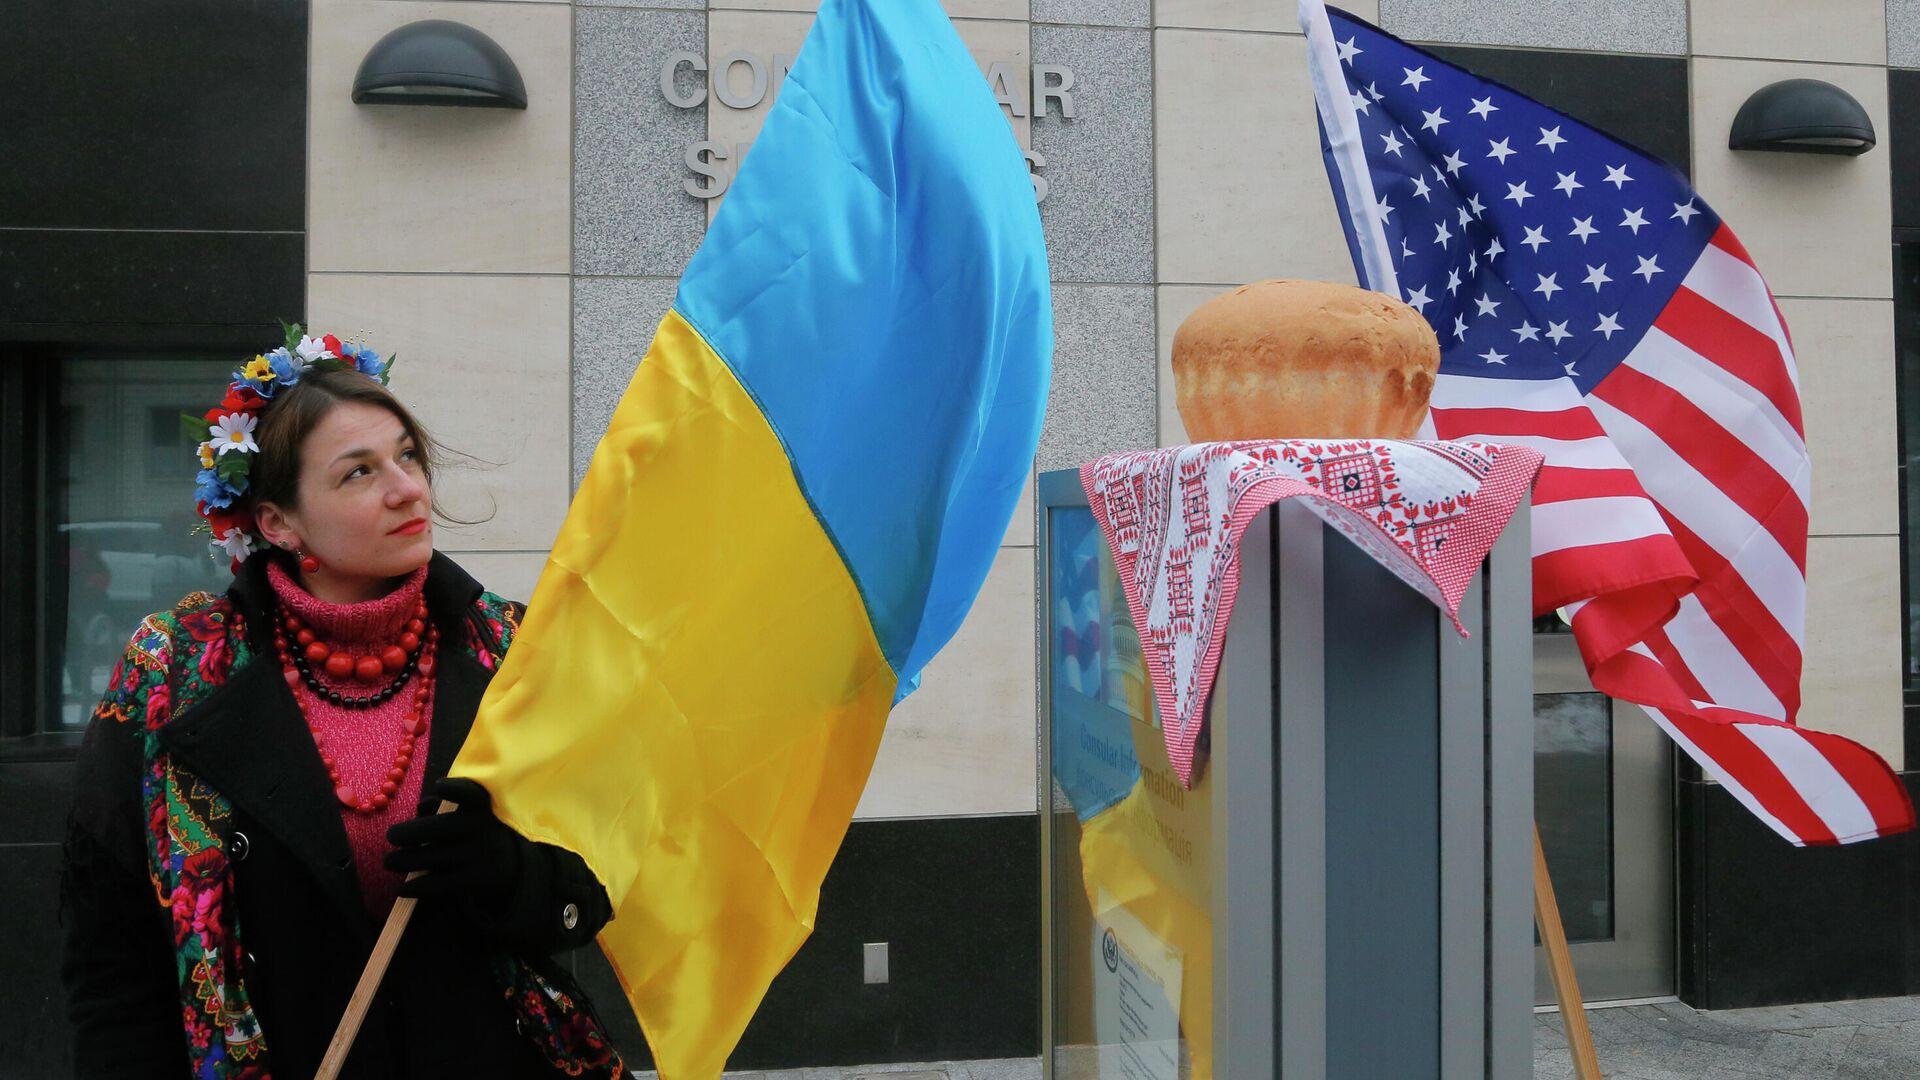 Женщина с флагом Украины у посольства США в Киеве  - РИА Новости, 1920, 16.01.2021